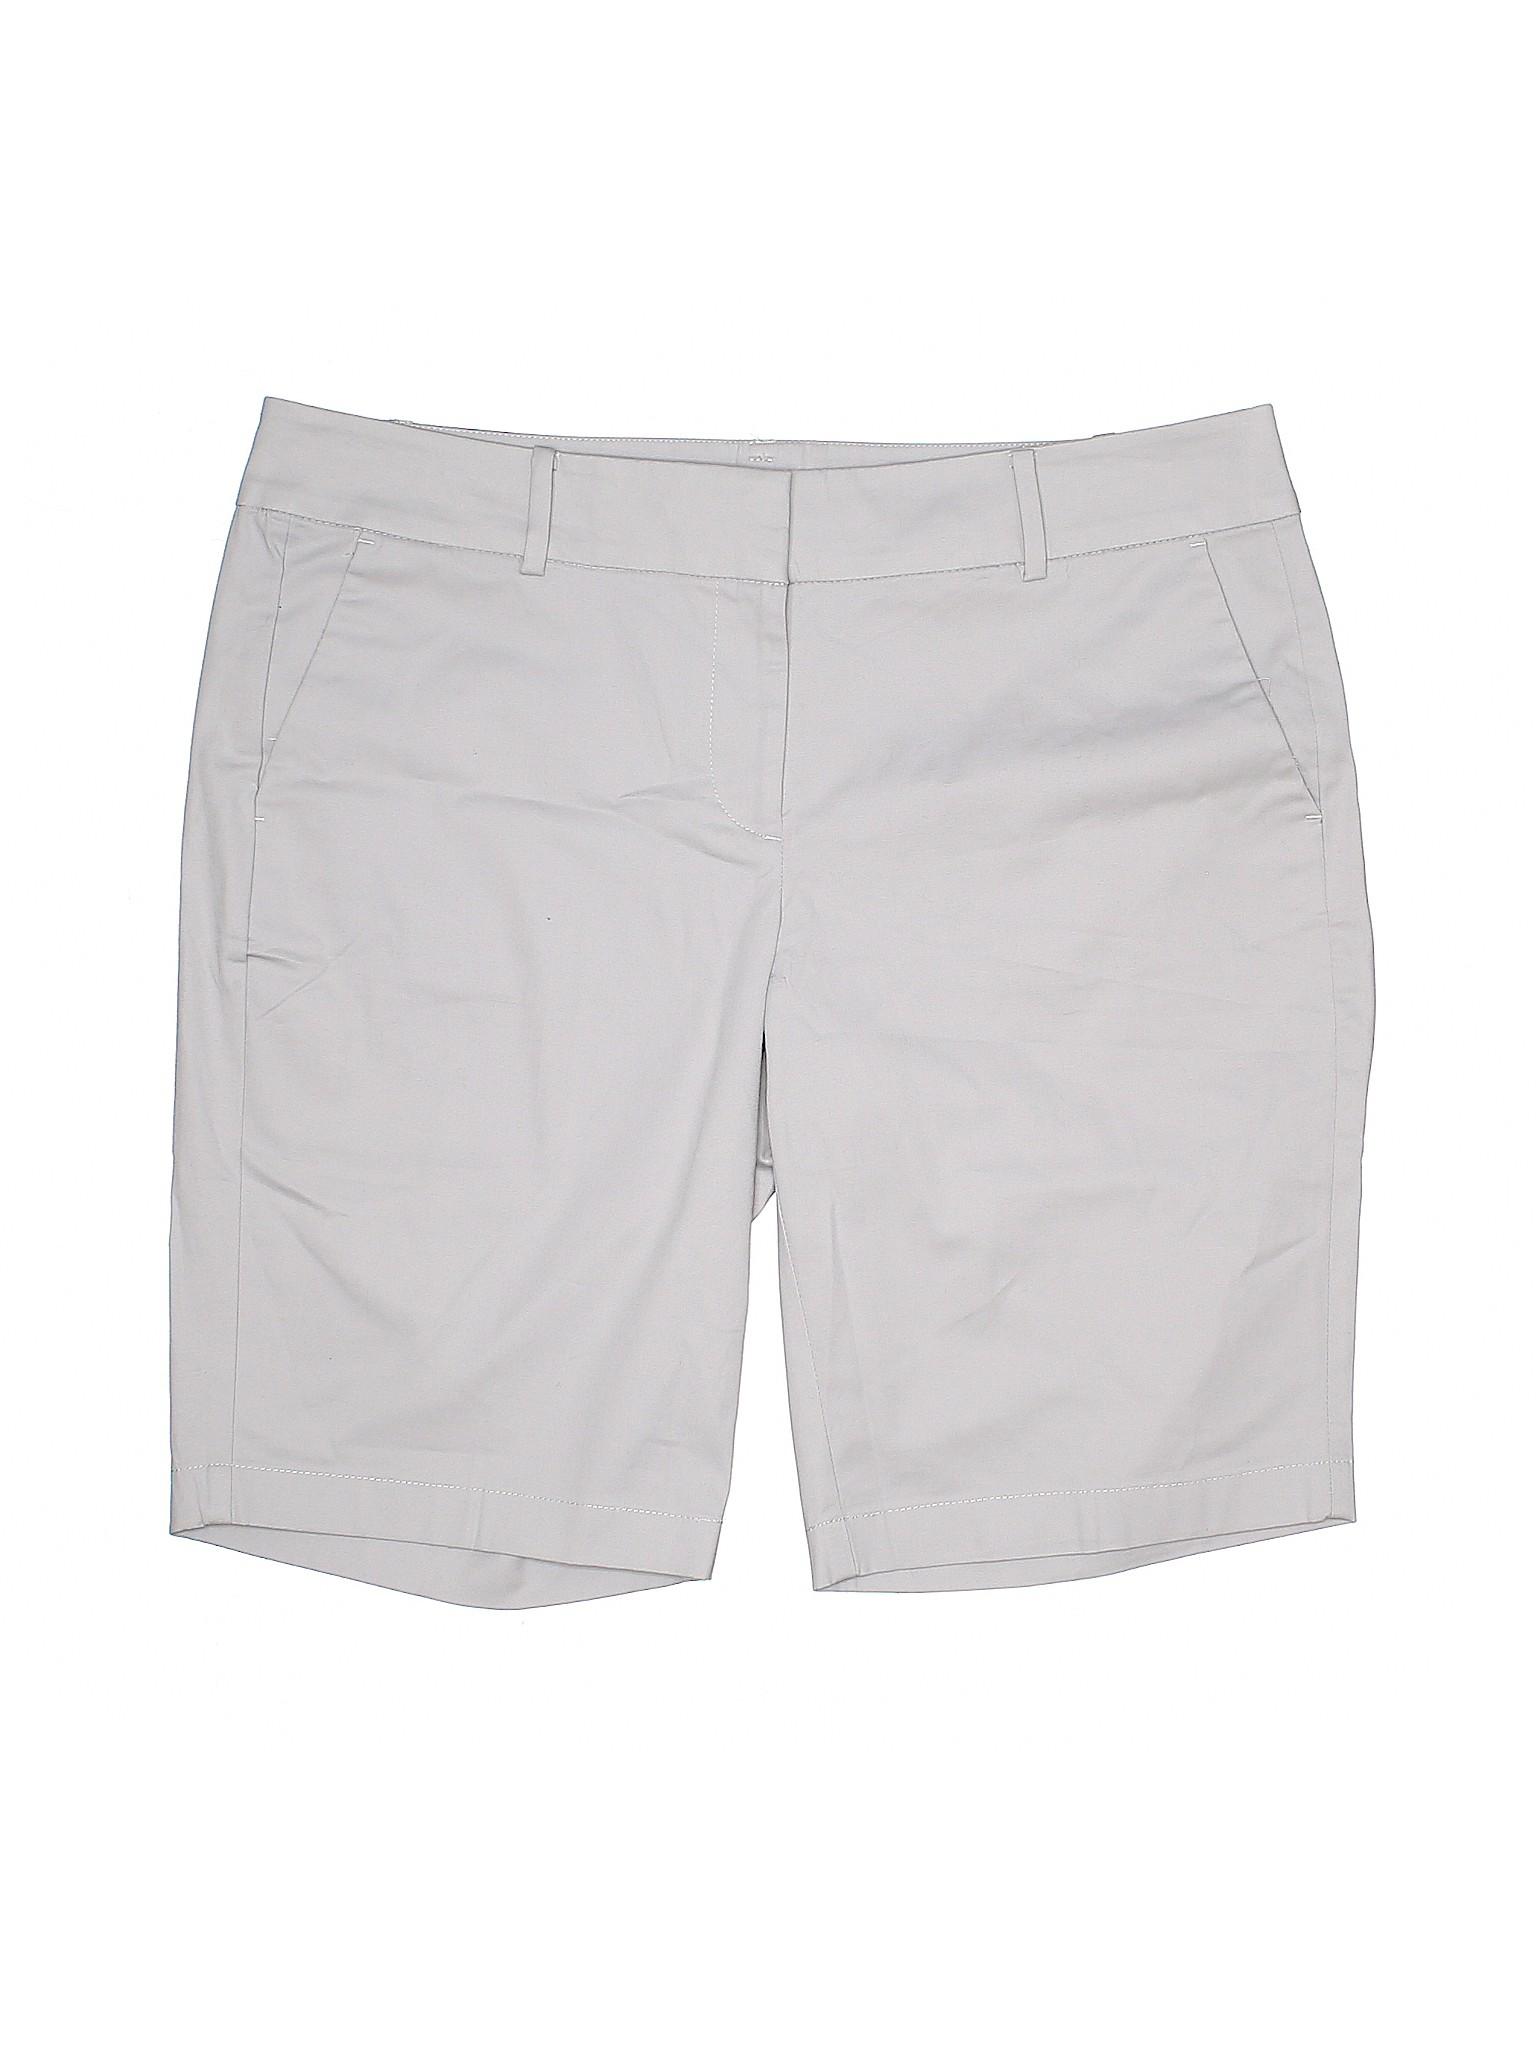 Ann Khaki Shorts Boutique Taylor Ann Boutique Khaki Shorts Taylor P5qxw7v60W